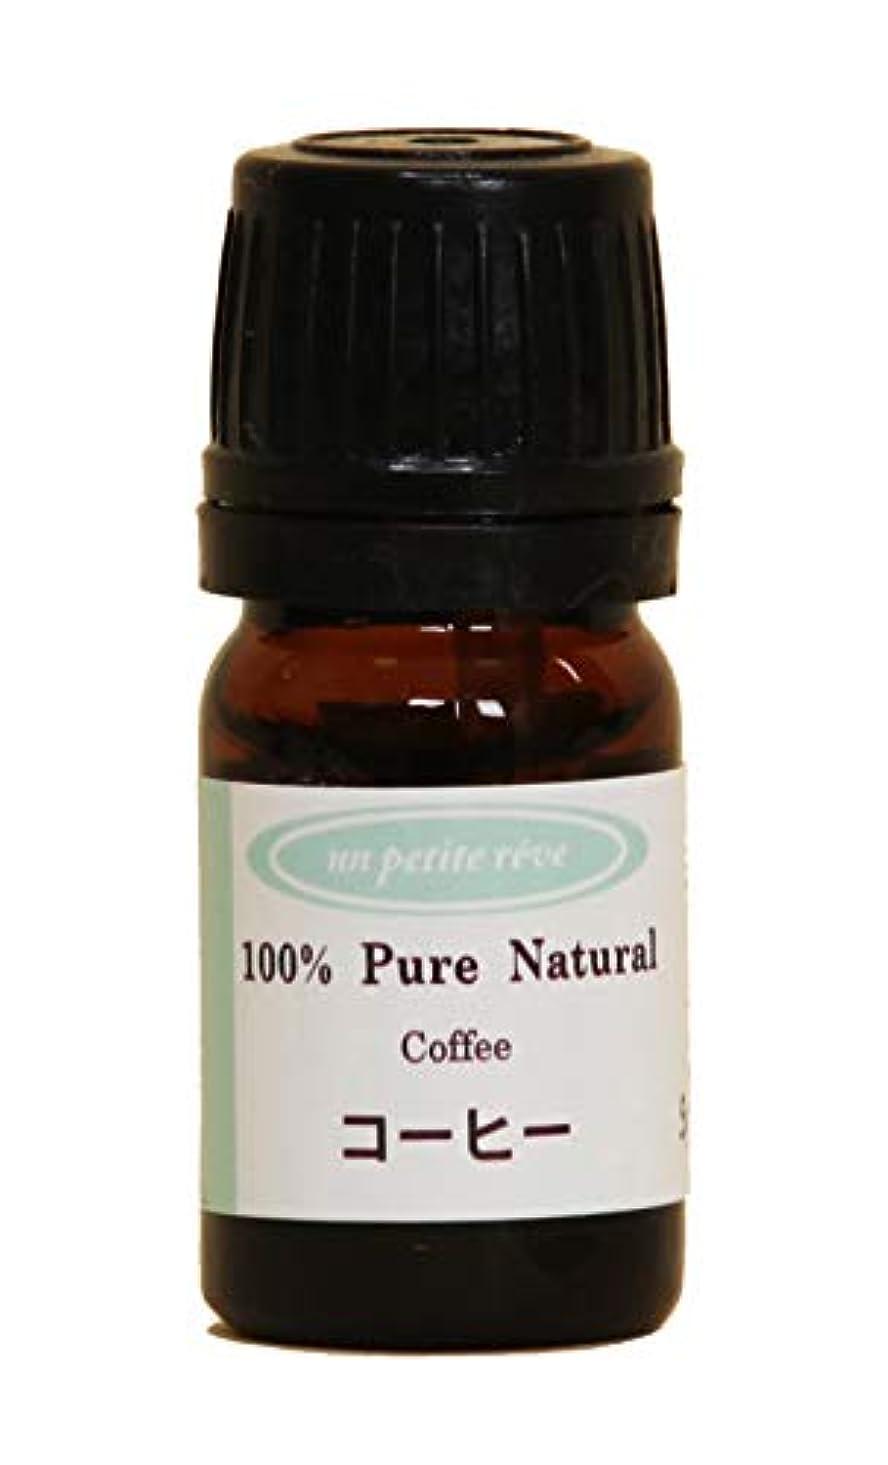 血色の良いお風呂大工コーヒー 5g (マドラー付き) 100%天然アロマエッセンシャルオイル(精油)